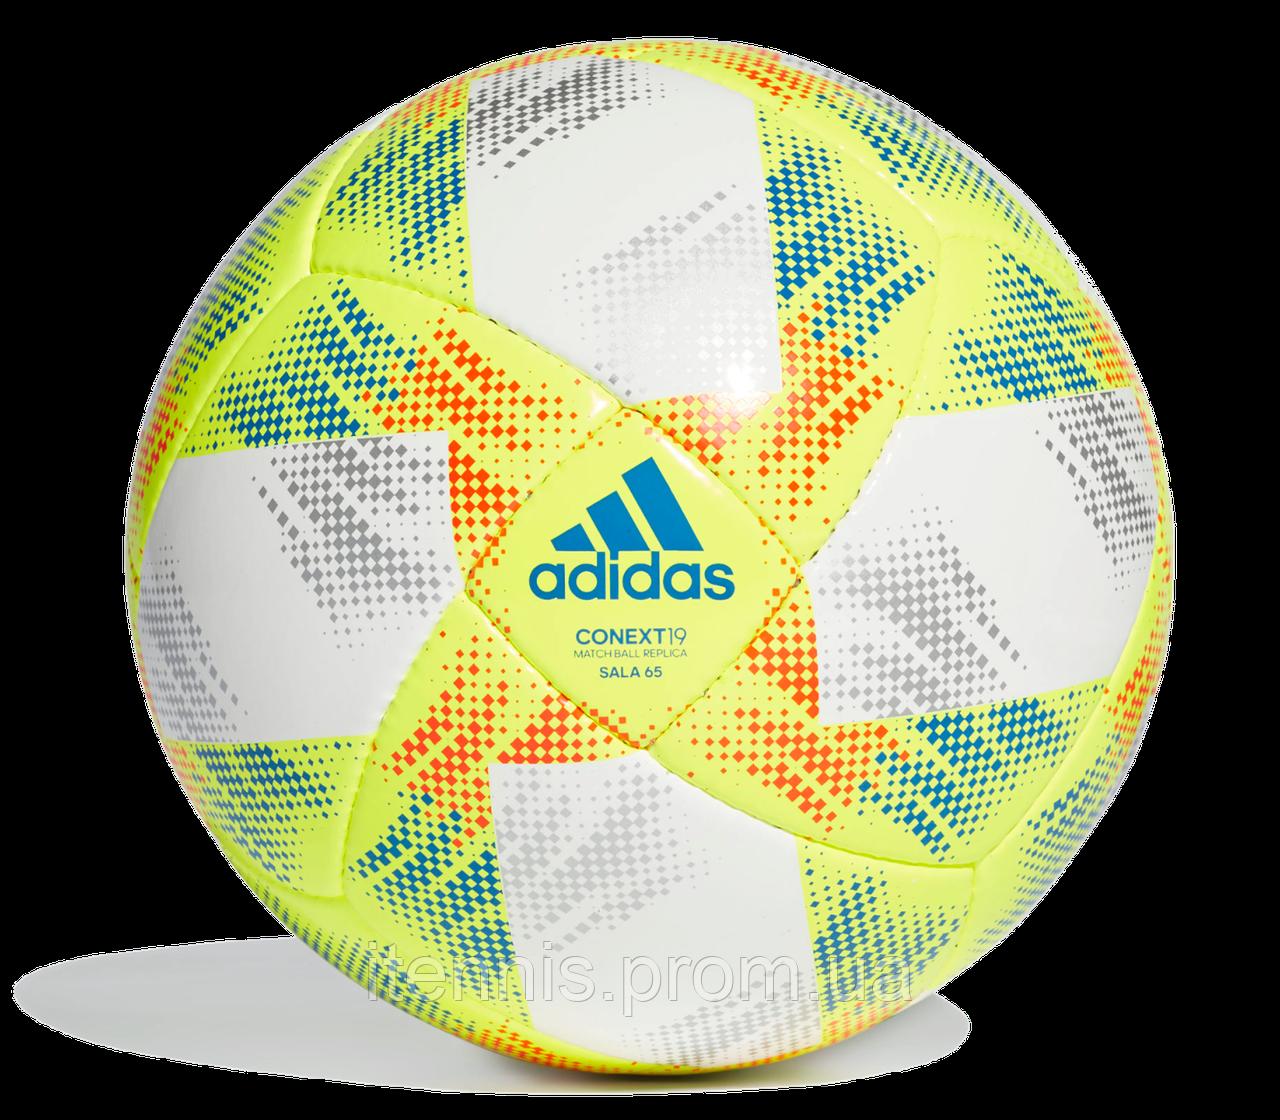 Футзальный мяч Adidas CONEXT 19 SALA 65 size 4 NEW